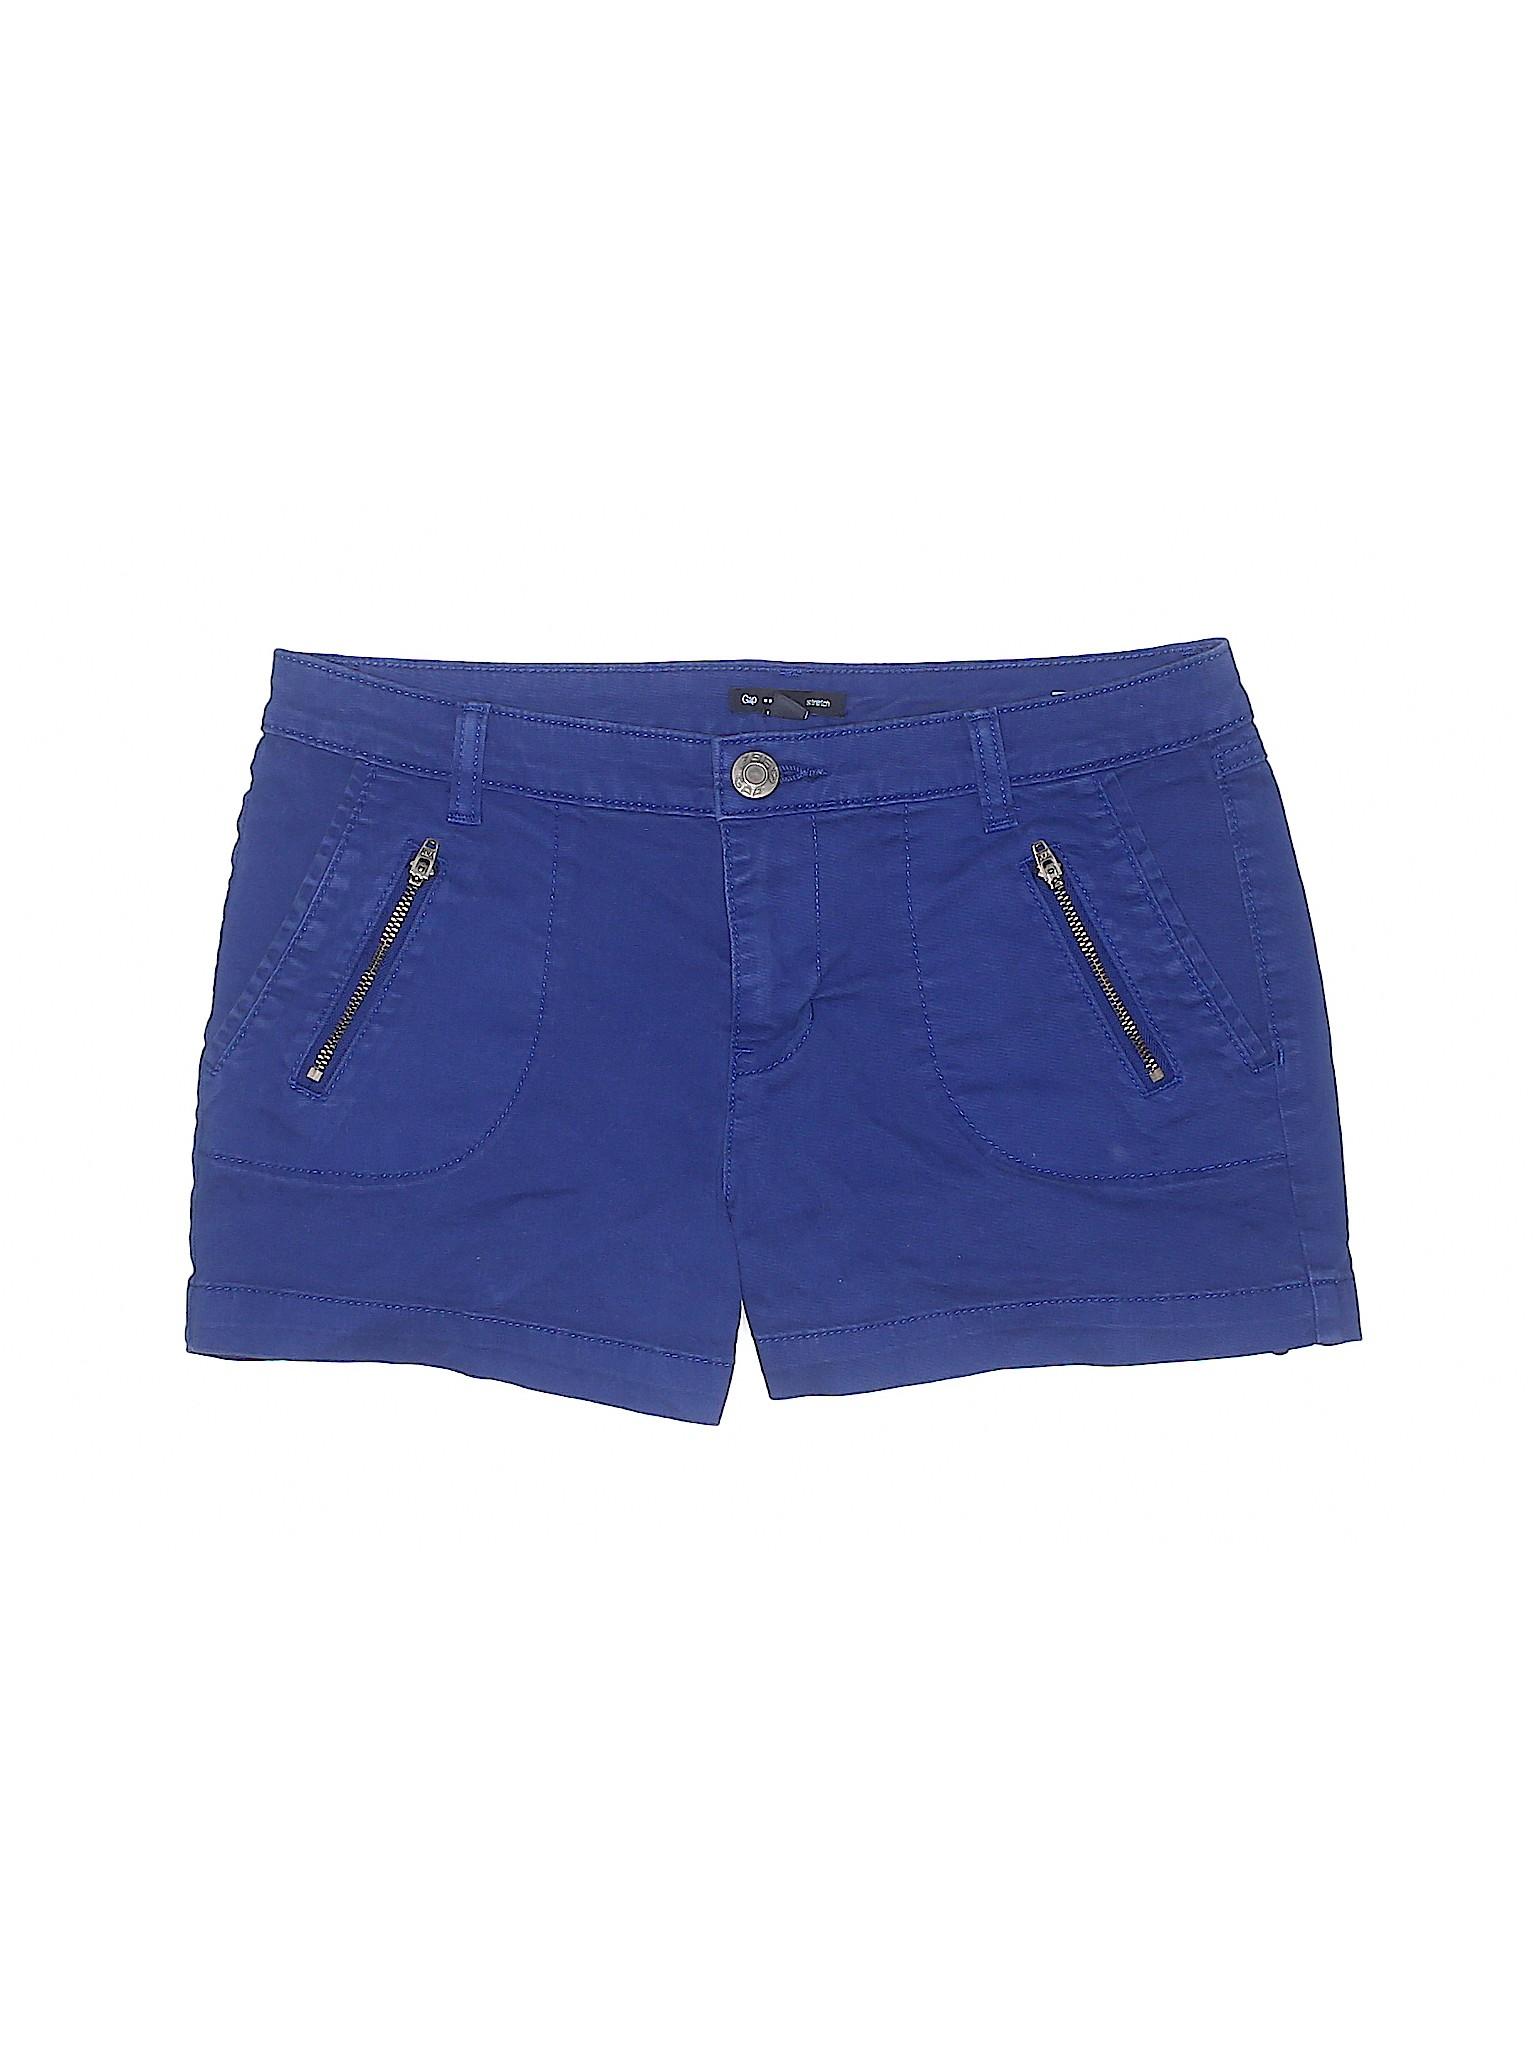 Gap Boutique Denim Boutique Gap Outlet Outlet Boutique Gap Denim Shorts Shorts Boutique Shorts Outlet Denim w5Cqzfa5